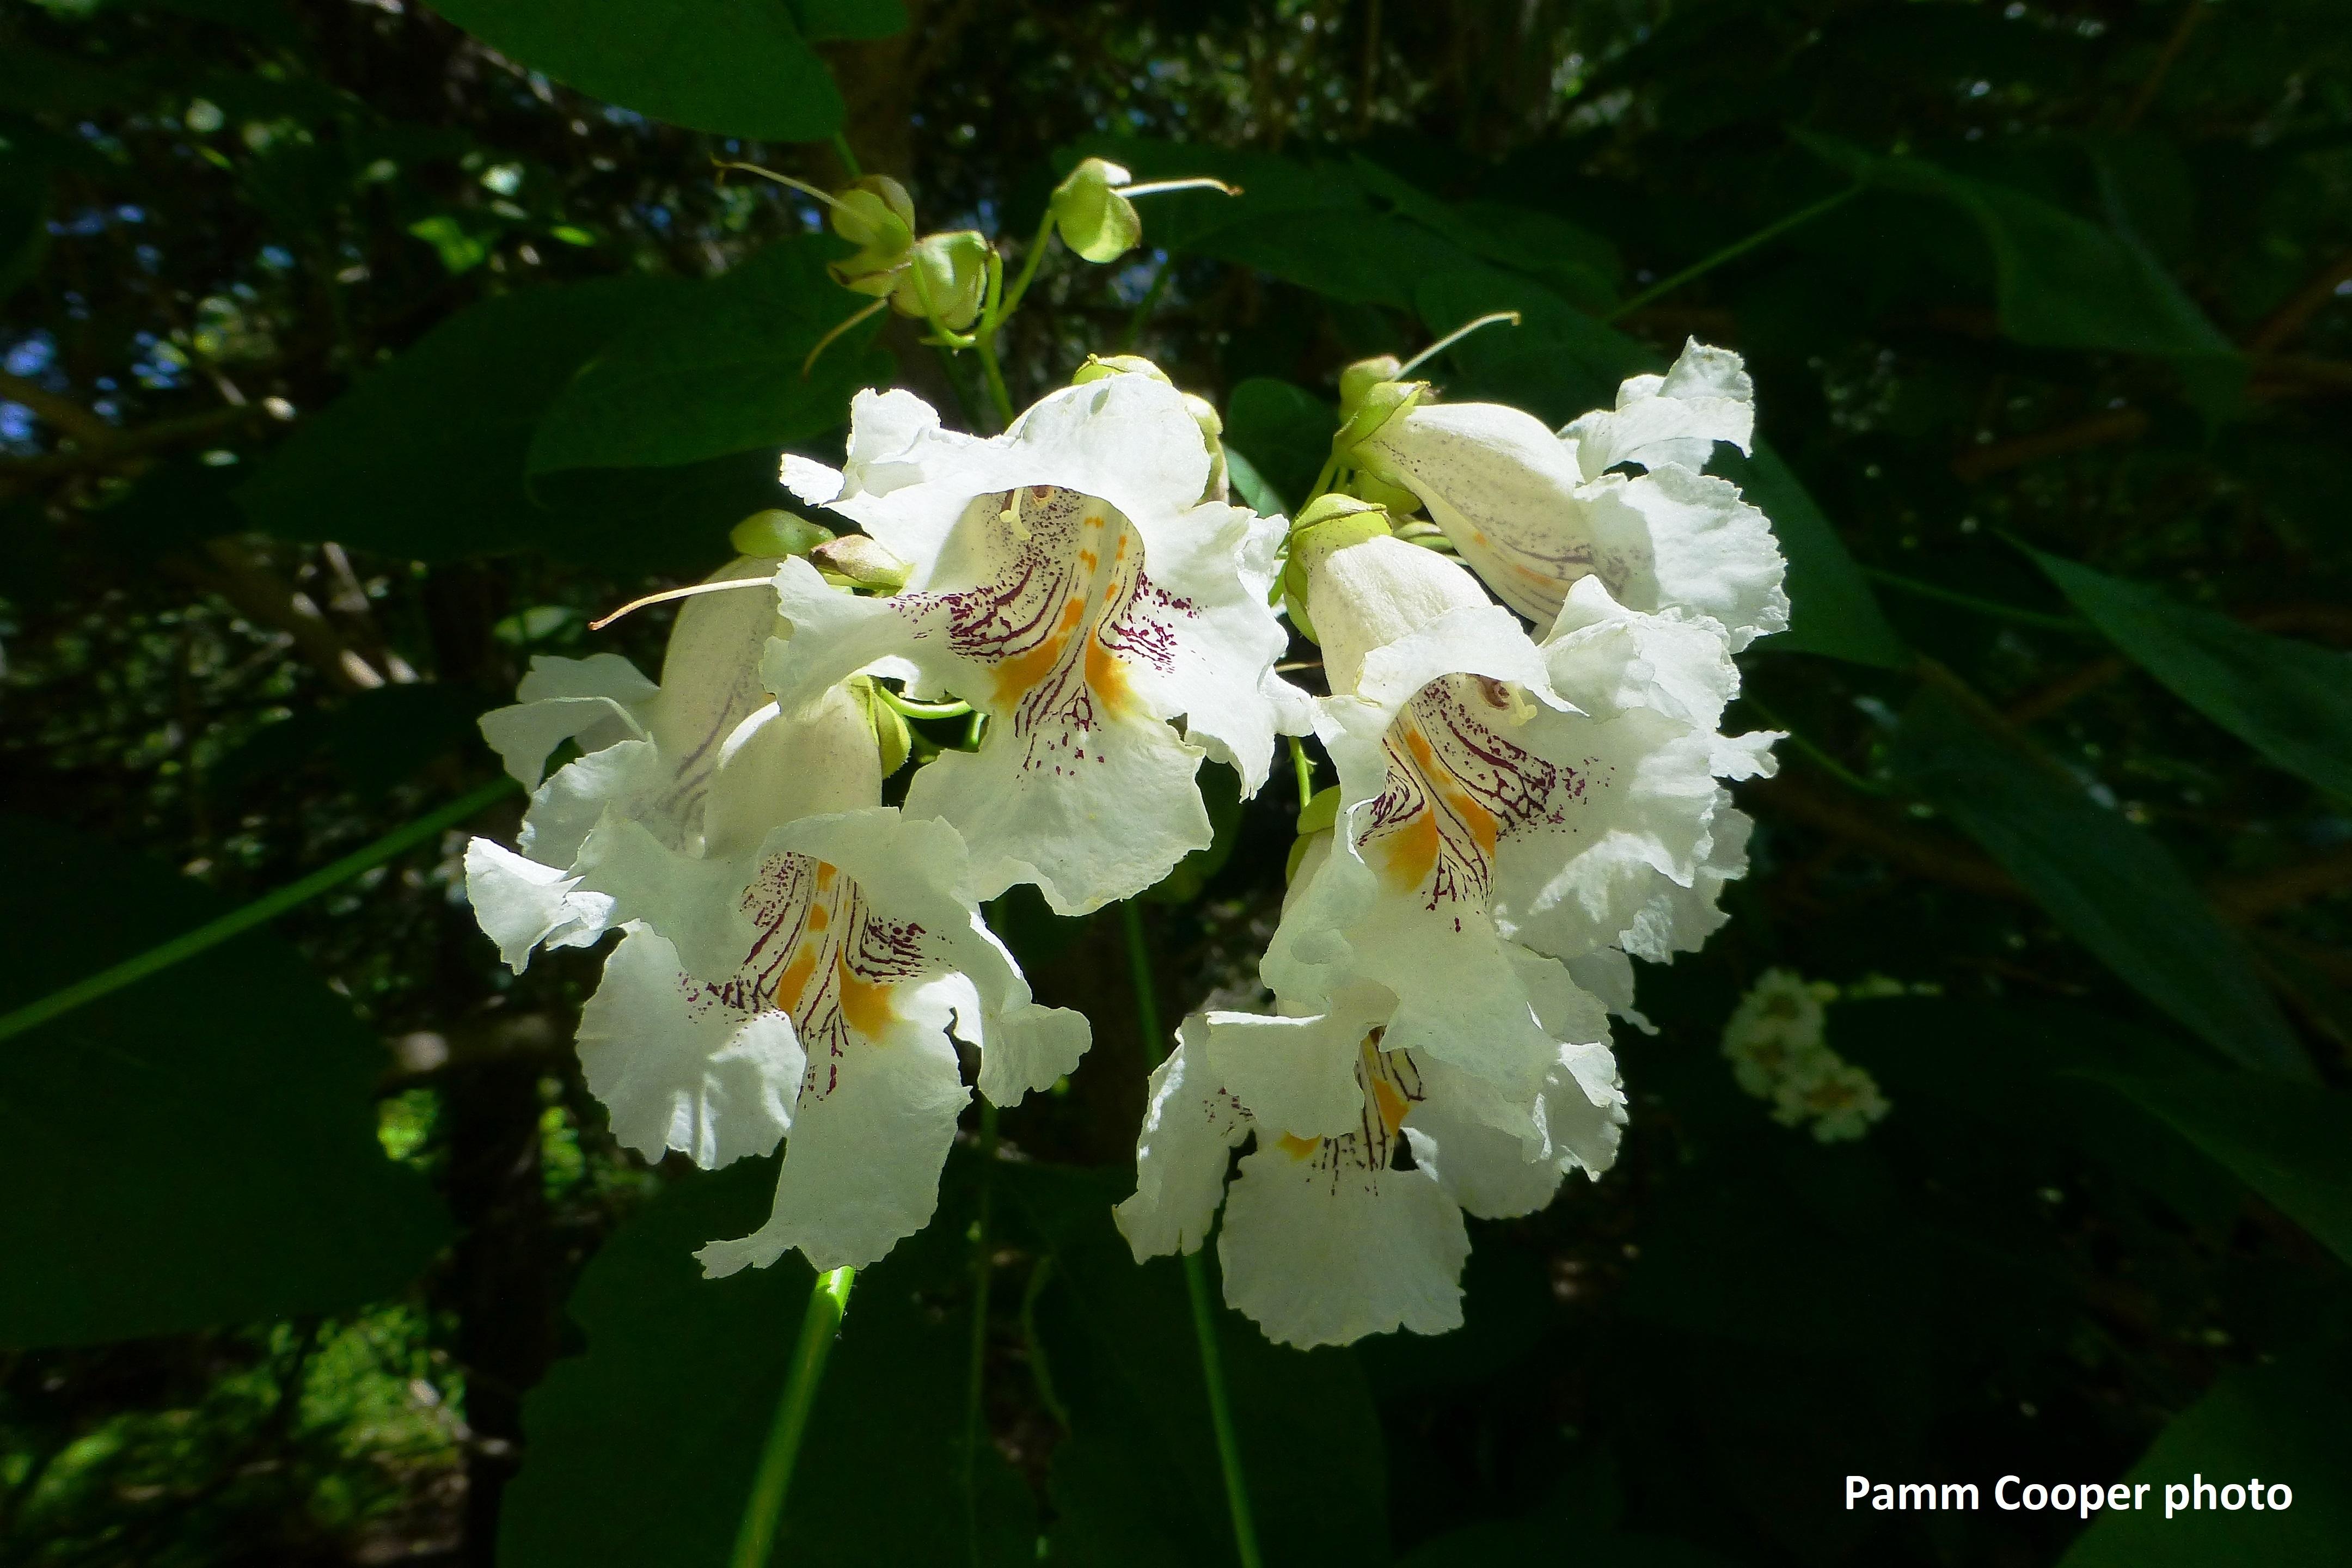 catalpa flowers 6-25-18 Pamm Cooper photo